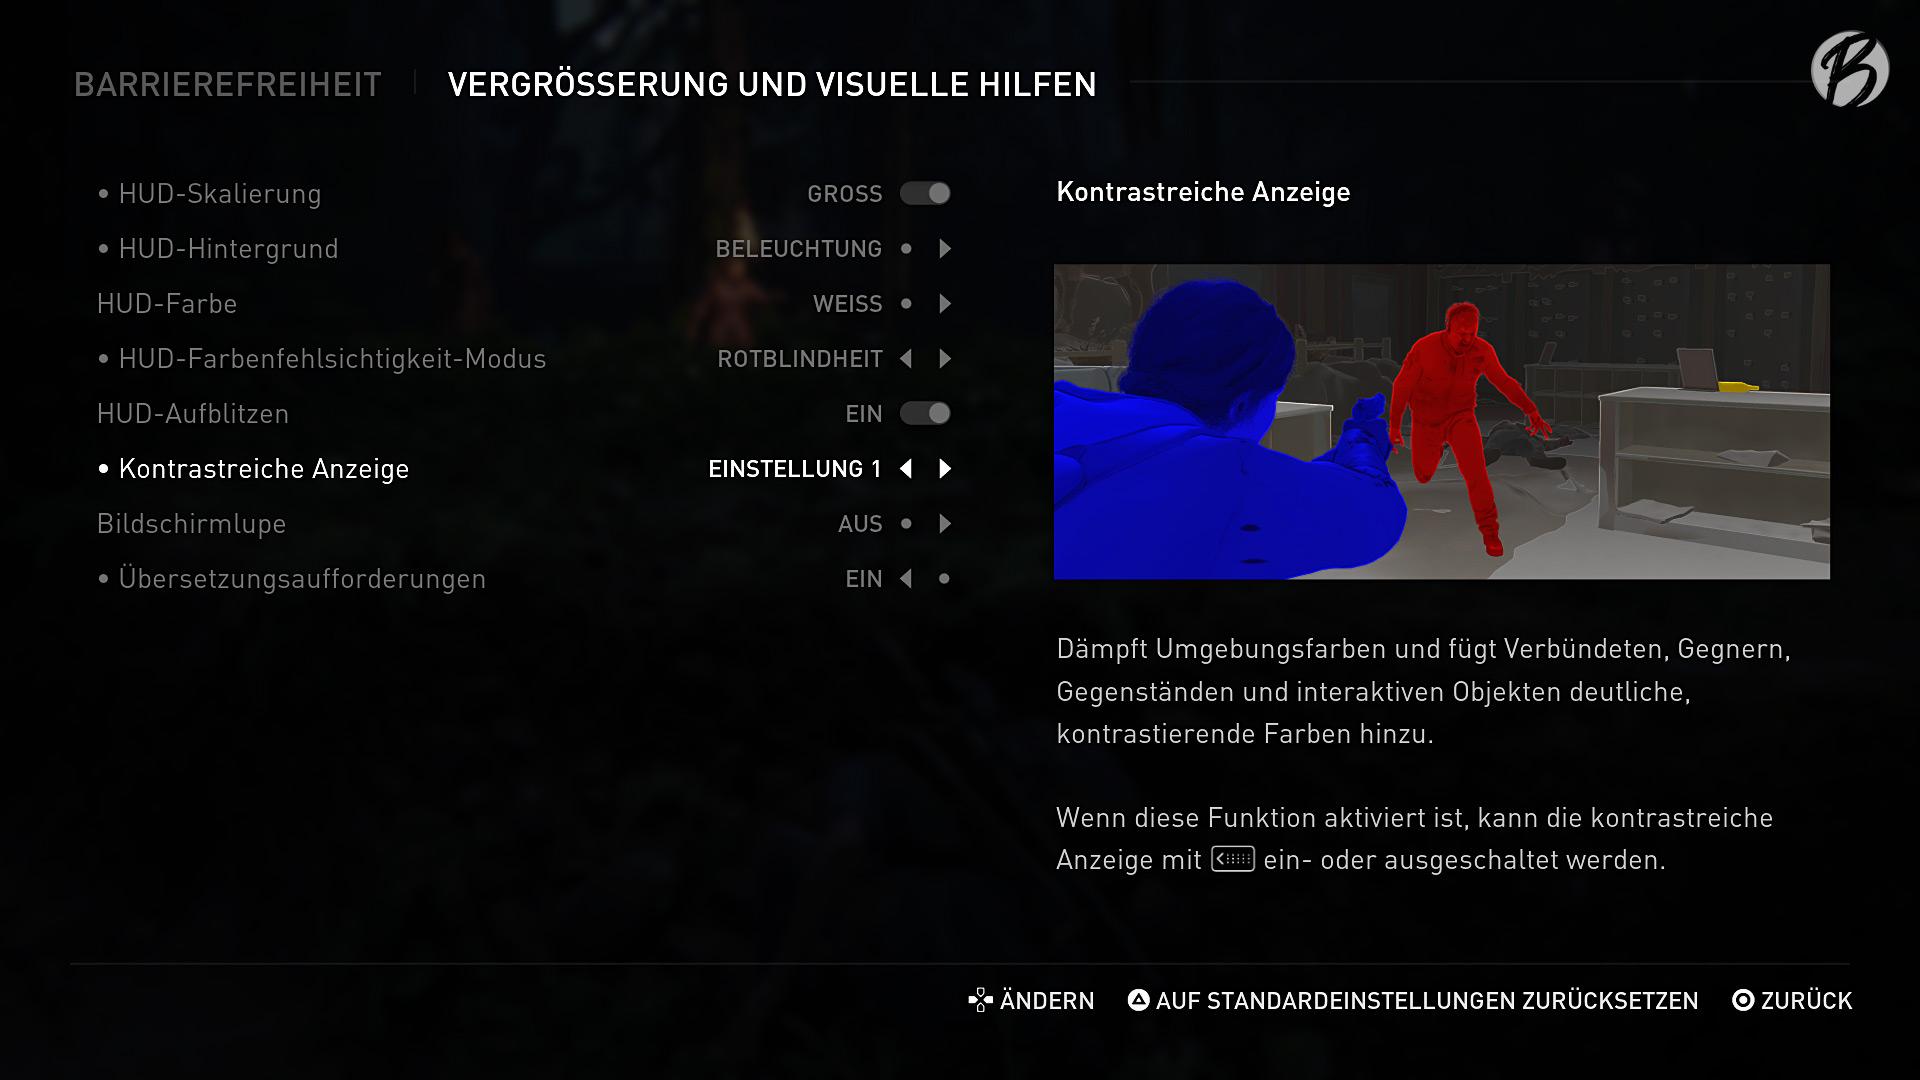 Barrierefreiheit: Dank der visuellen Hilfen können Farbenblinde und Spieler mit schwacher Sehkraft trotzdem komplett in das Spielerlebnis eintauchen.